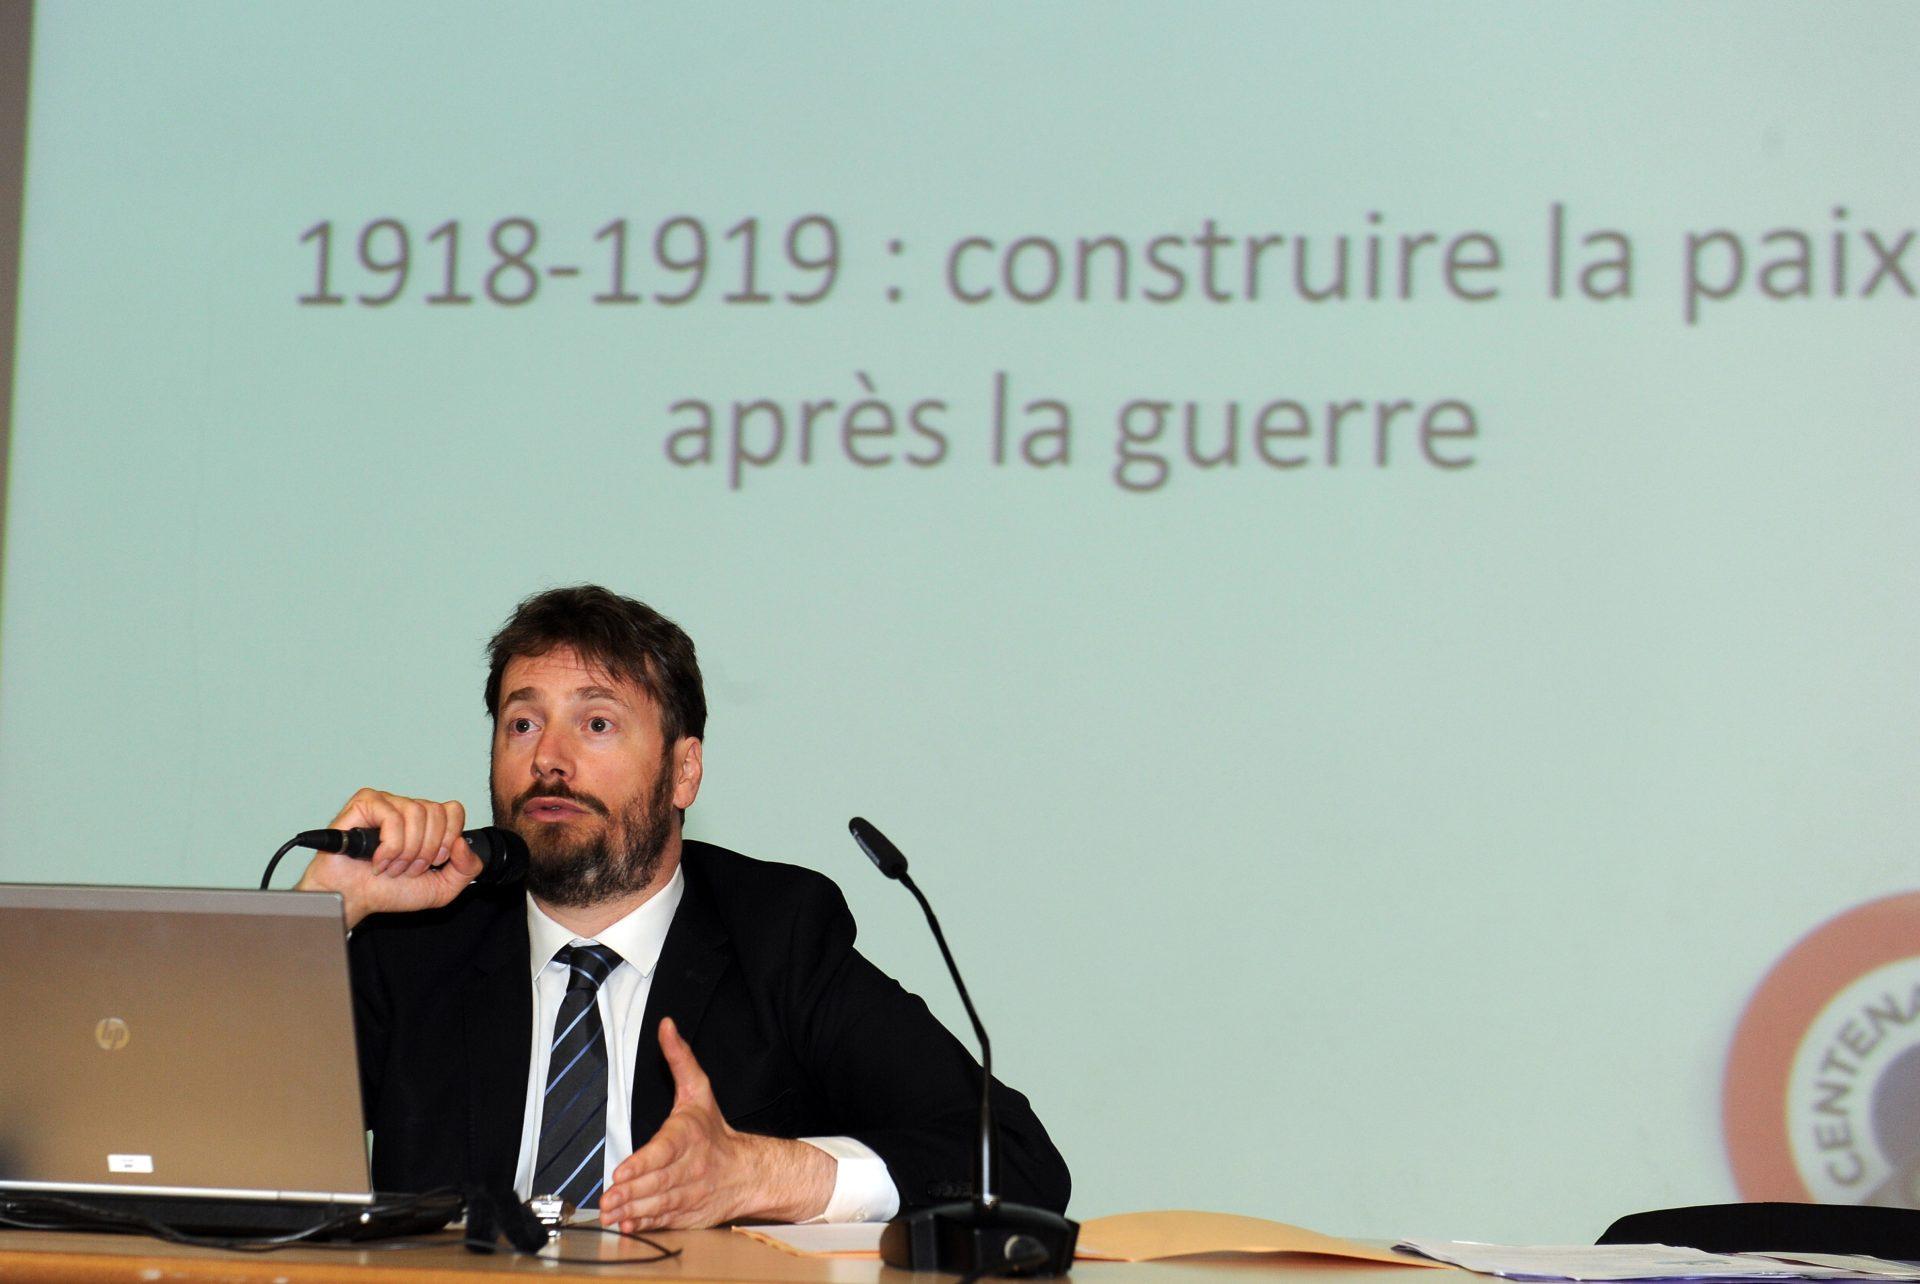 Clermont-Fd - Alexandre Lafon, conseiller pédagogique et historique de la Mission du Centenaire